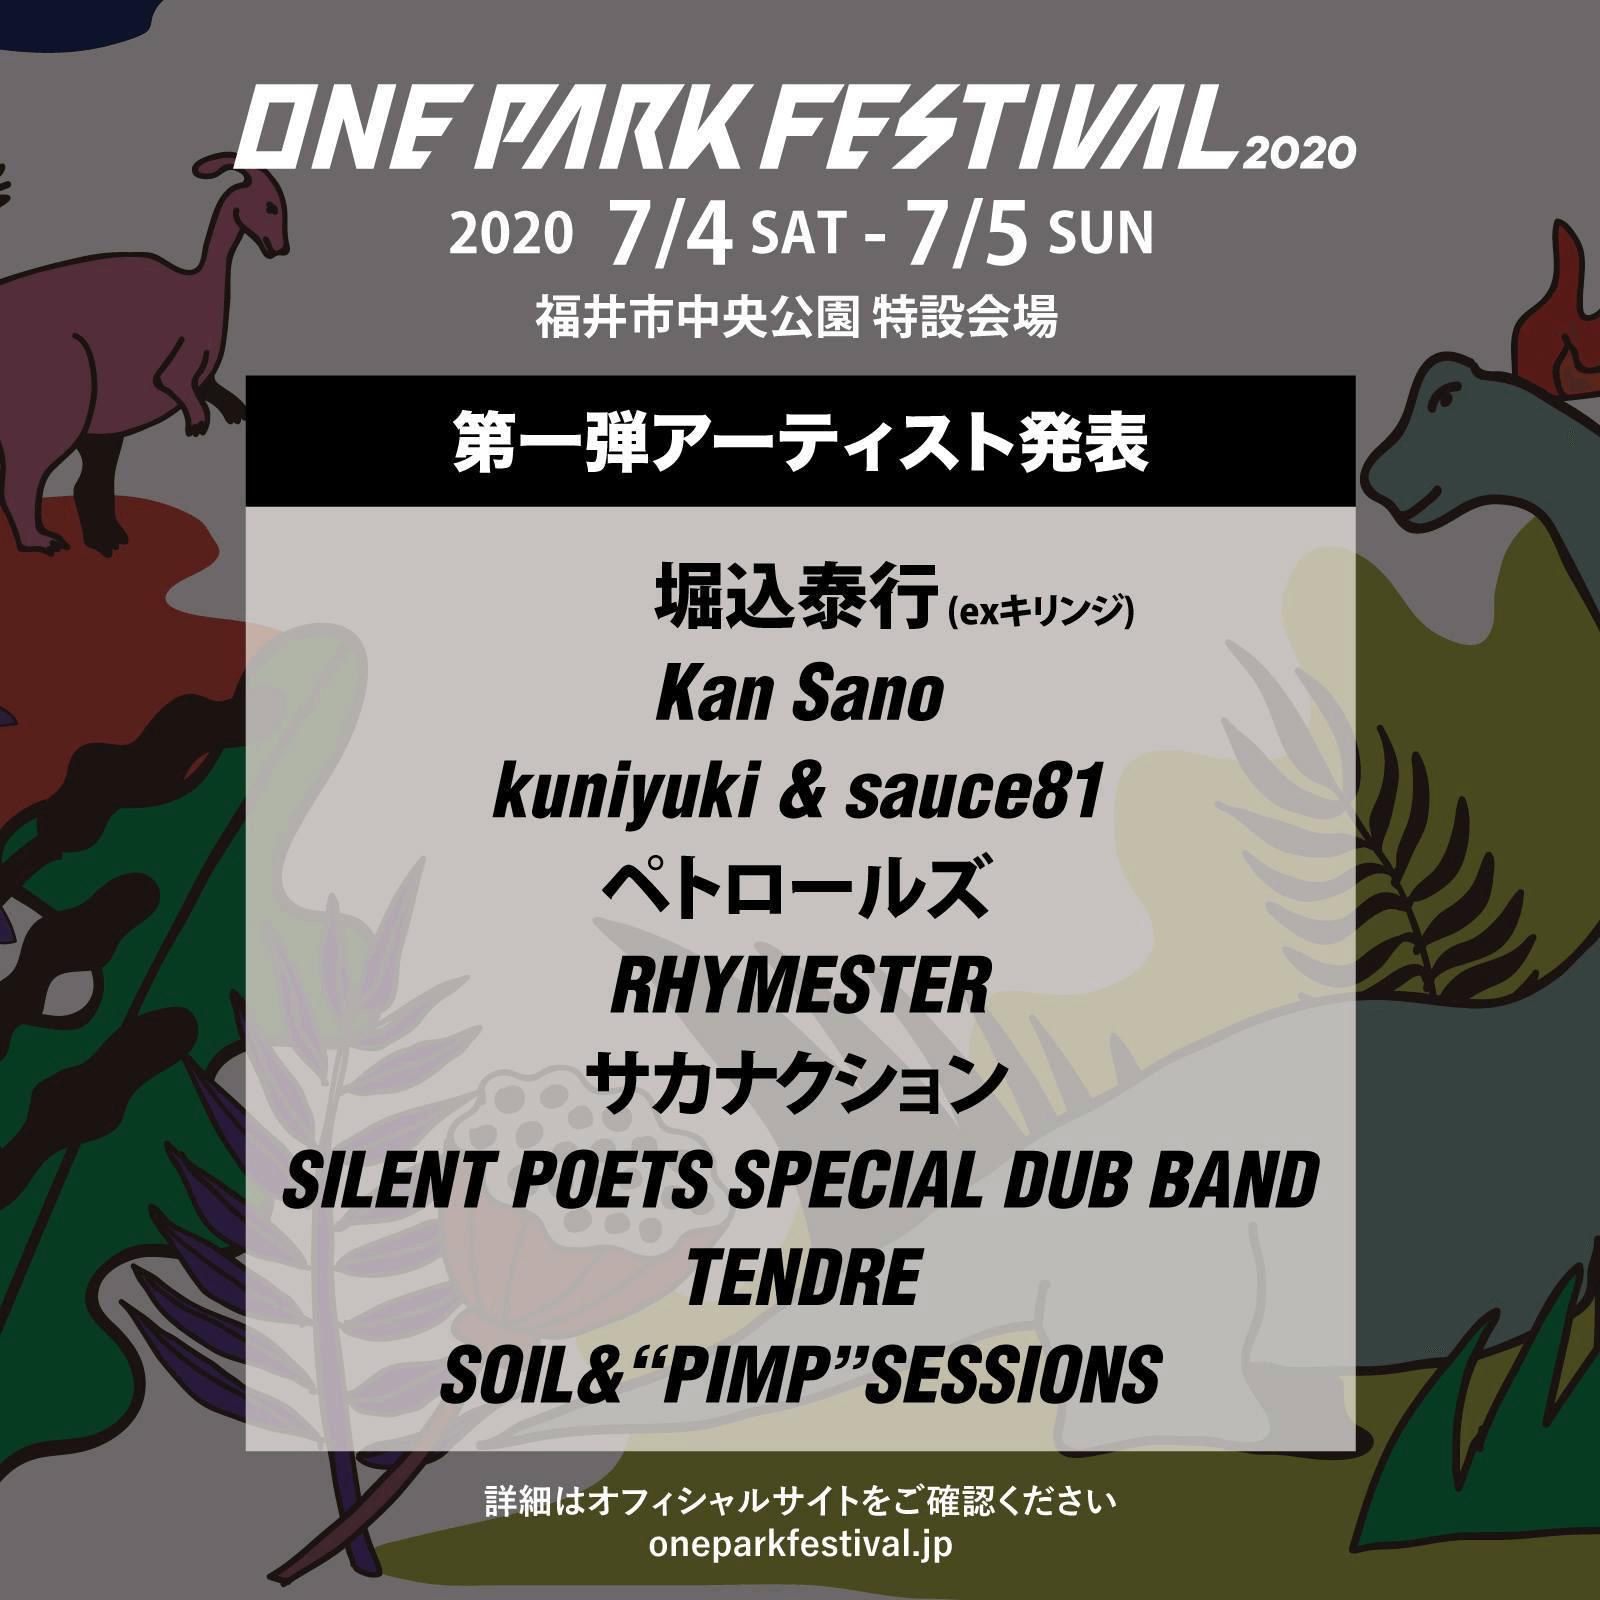 福井県で開催される<ONE PARK FESTIVAL2020>出演者第1弾発表!サカナクション、RHYMESTAR、ペトロールズら登場 music200219_oneparkfes_02